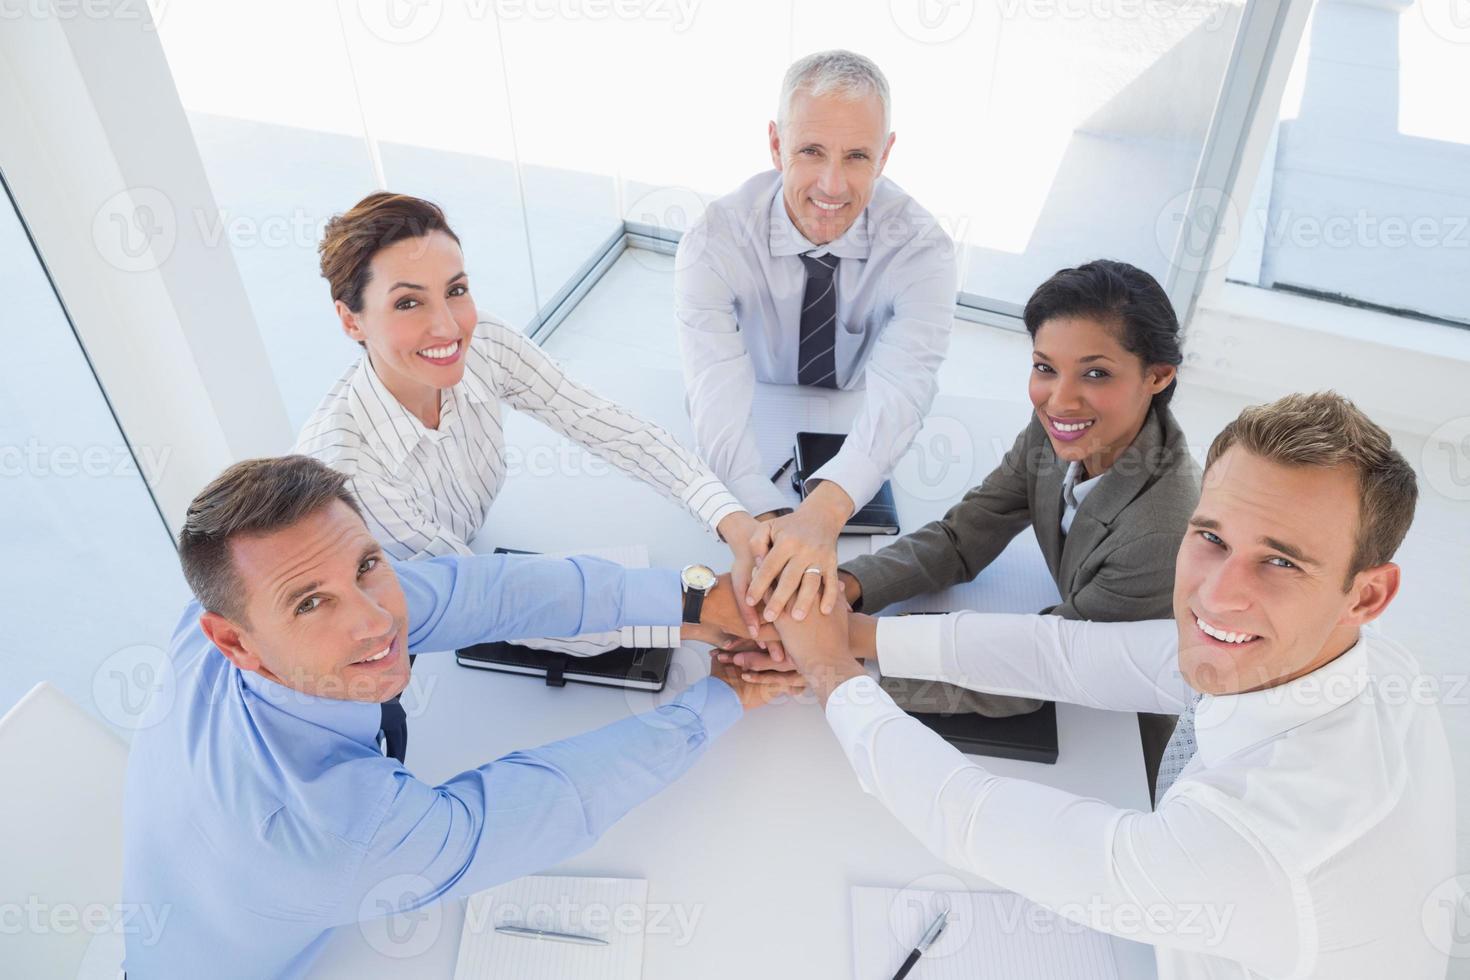 equipe de negócios sentados juntos e comemorando foto